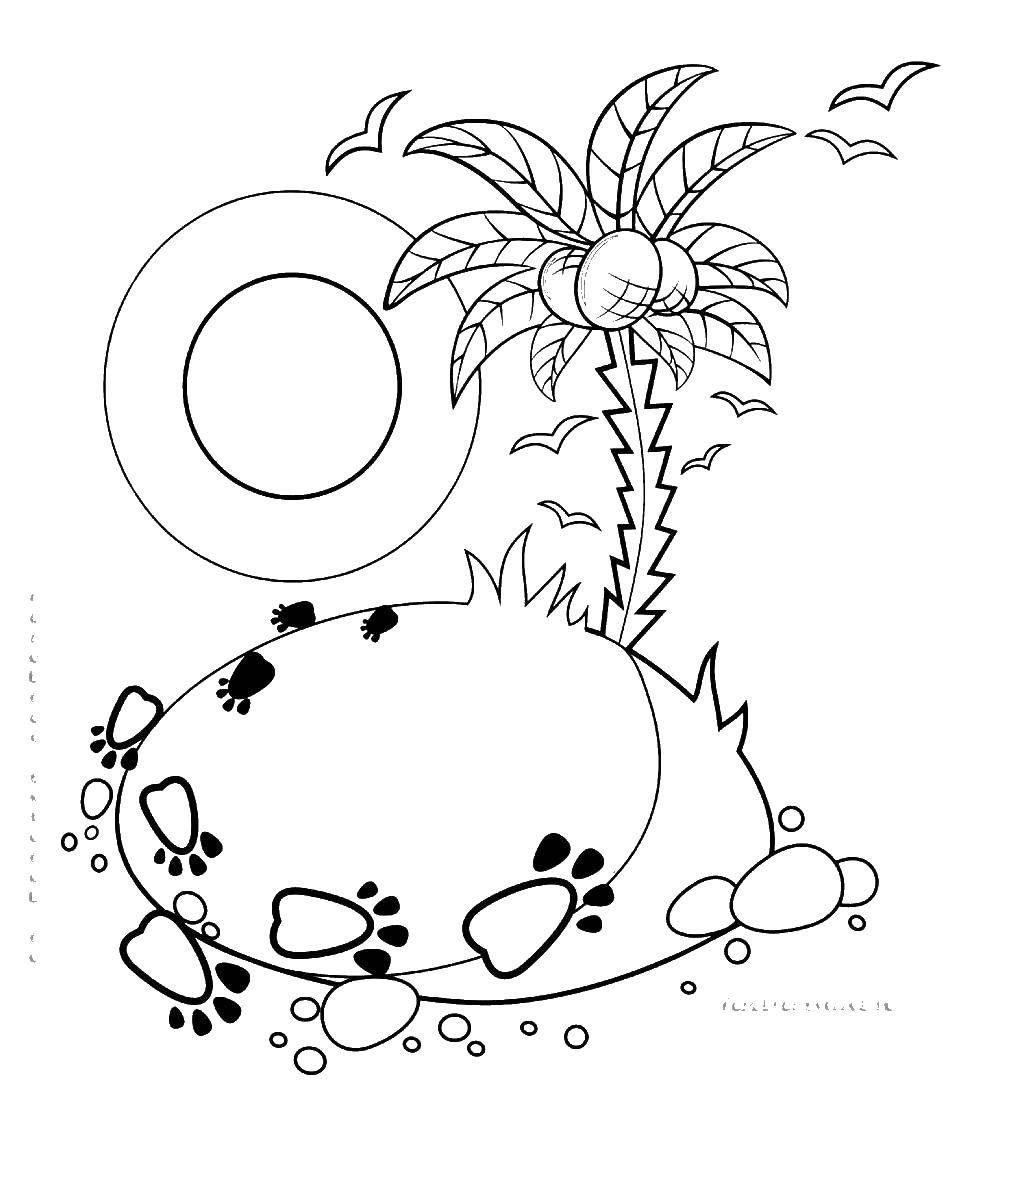 Раскраска львенок и большая черепаха Скачать ,следы, остров,,.  Распечатать